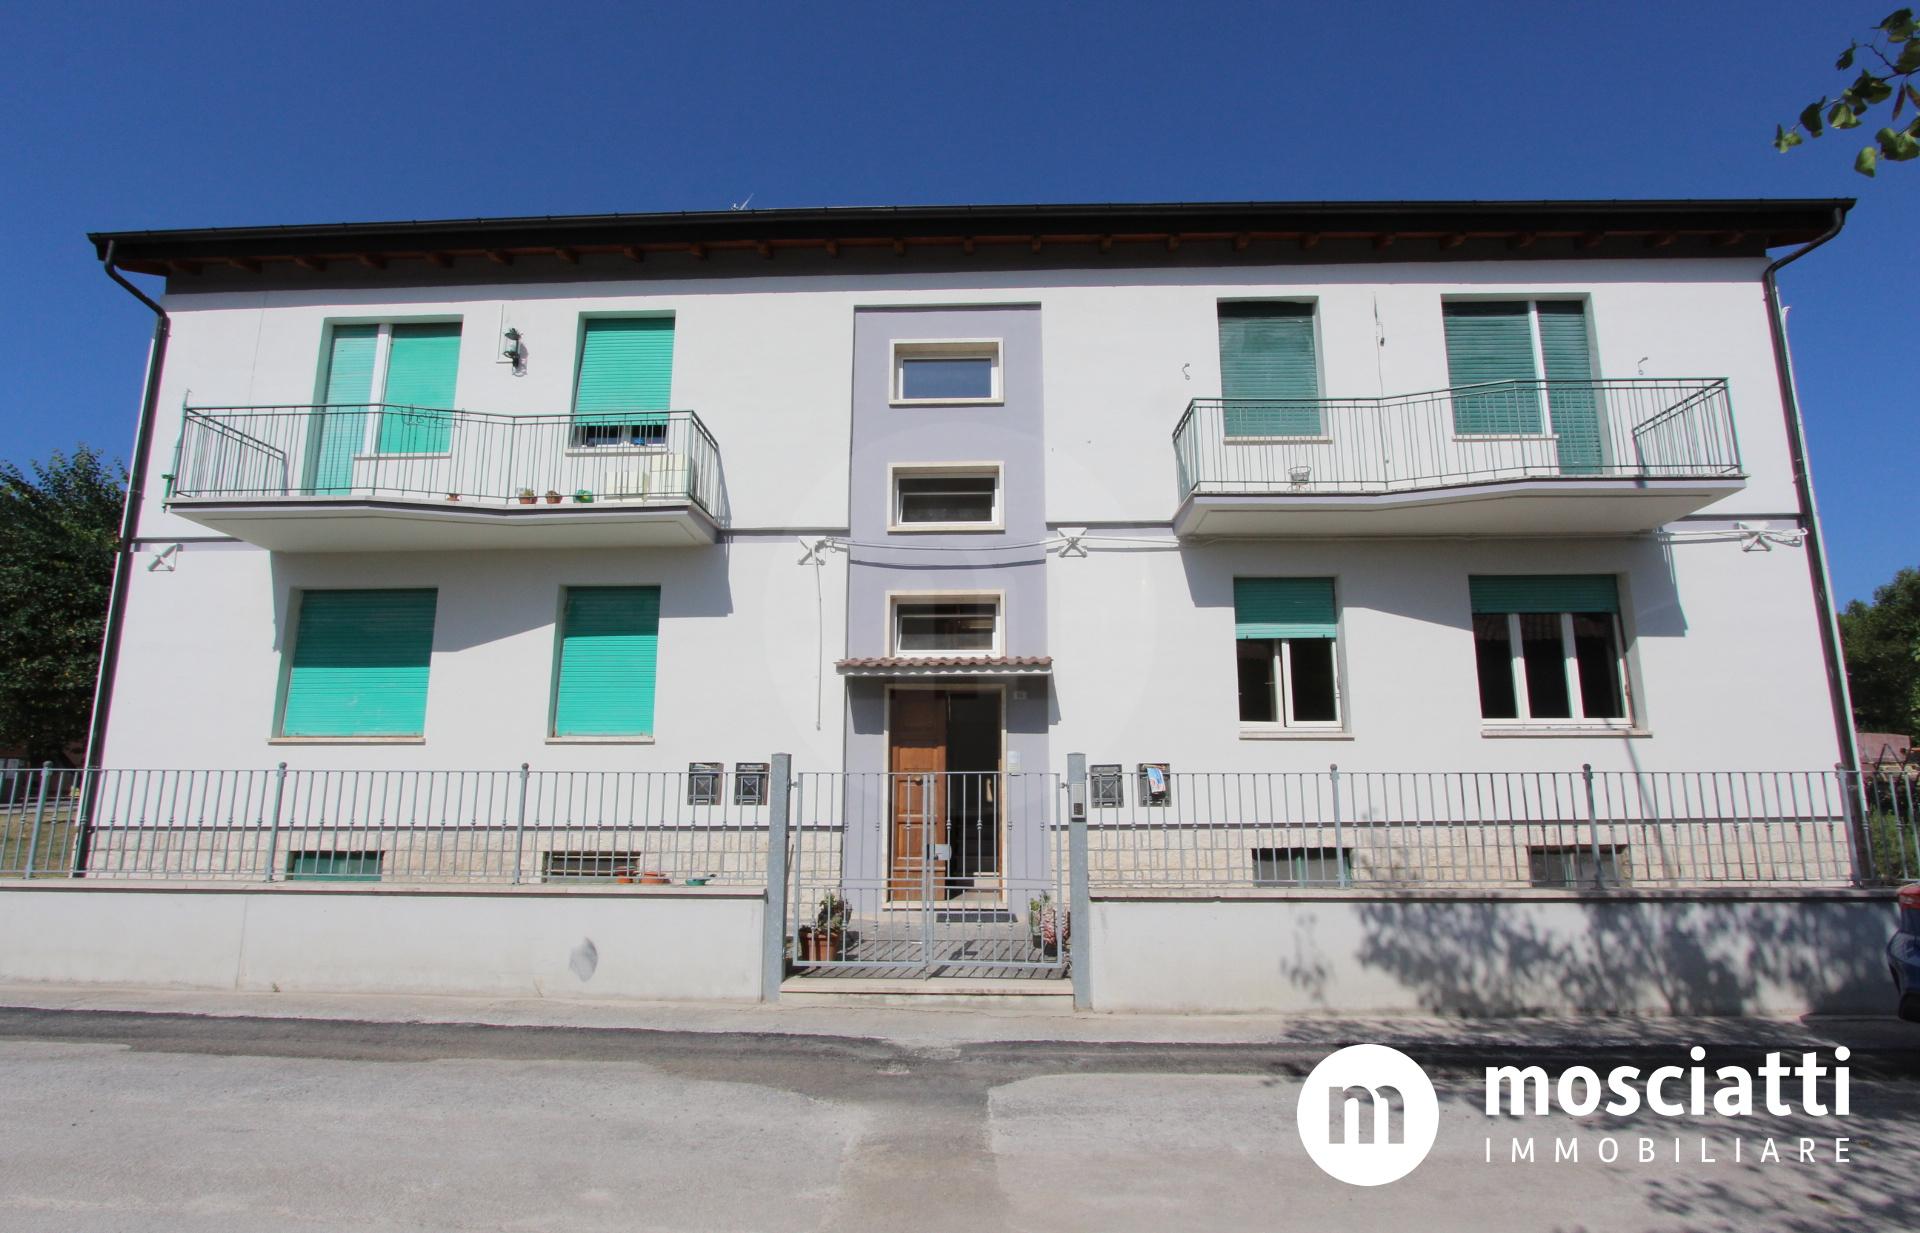 Esanatoglia, Via Chiara Brugnola, vendesi appartamento al piano rialzato - 1